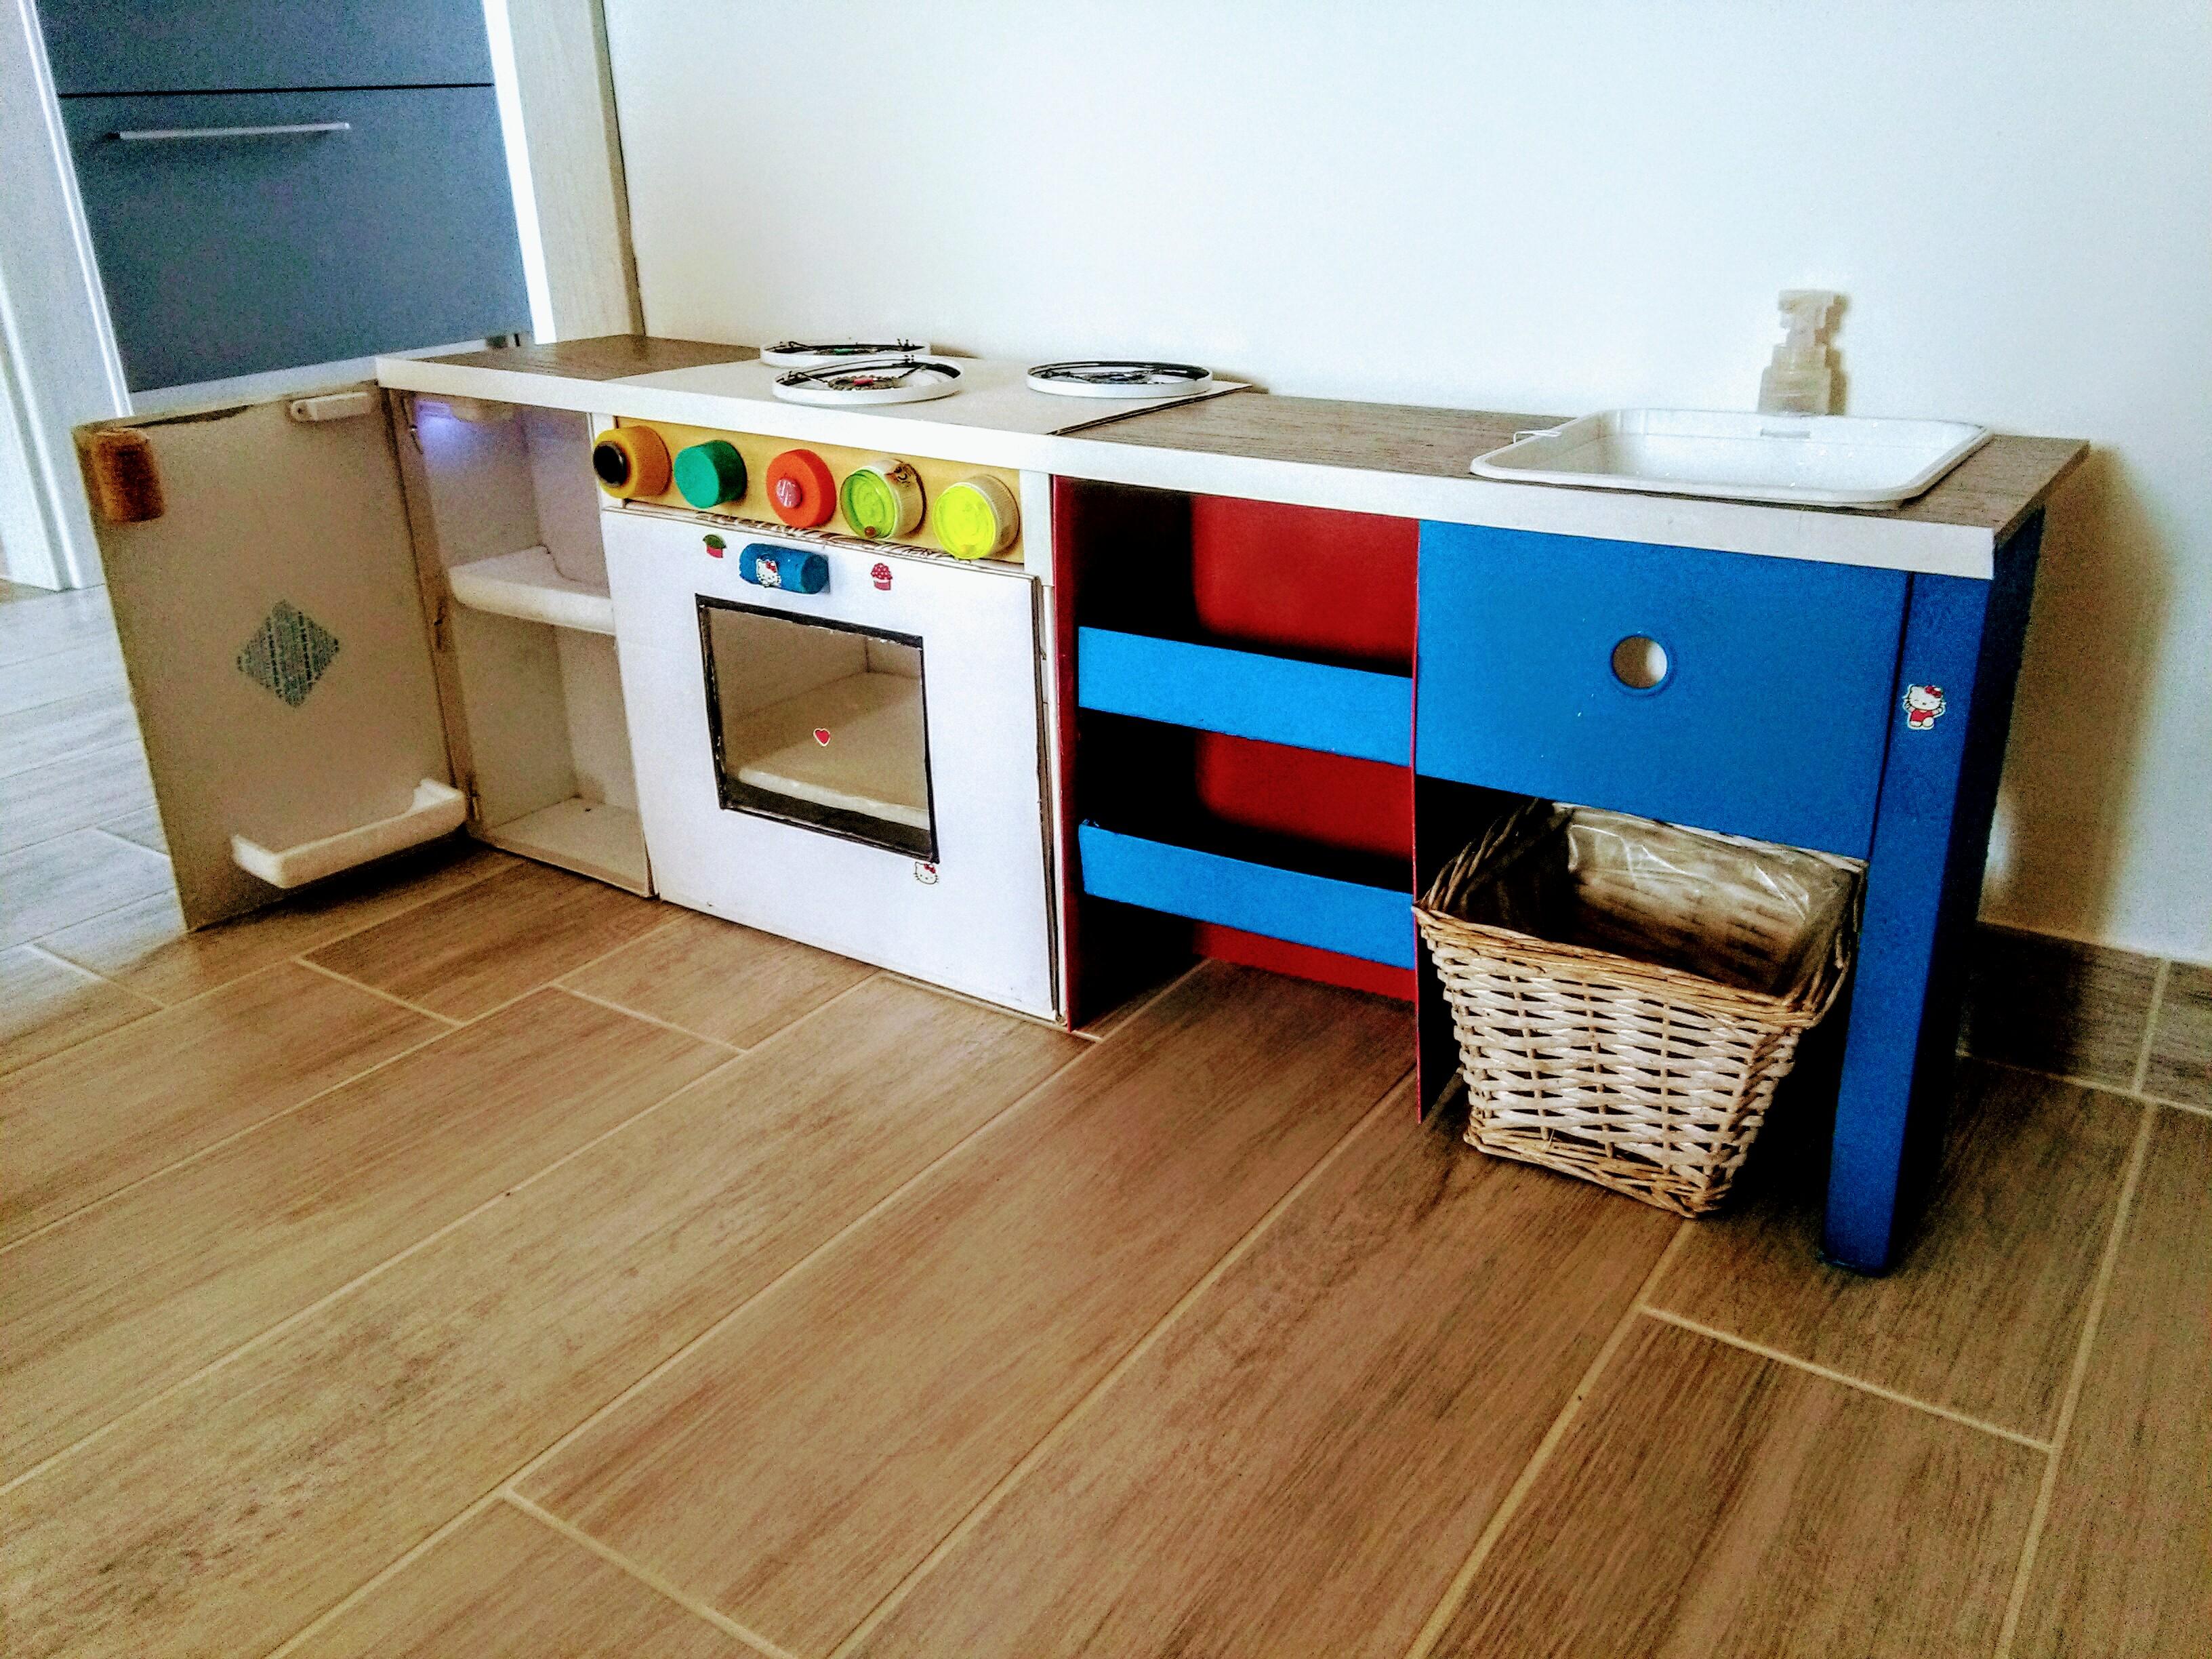 mobili da cucina in regalo a genova costruire mobili